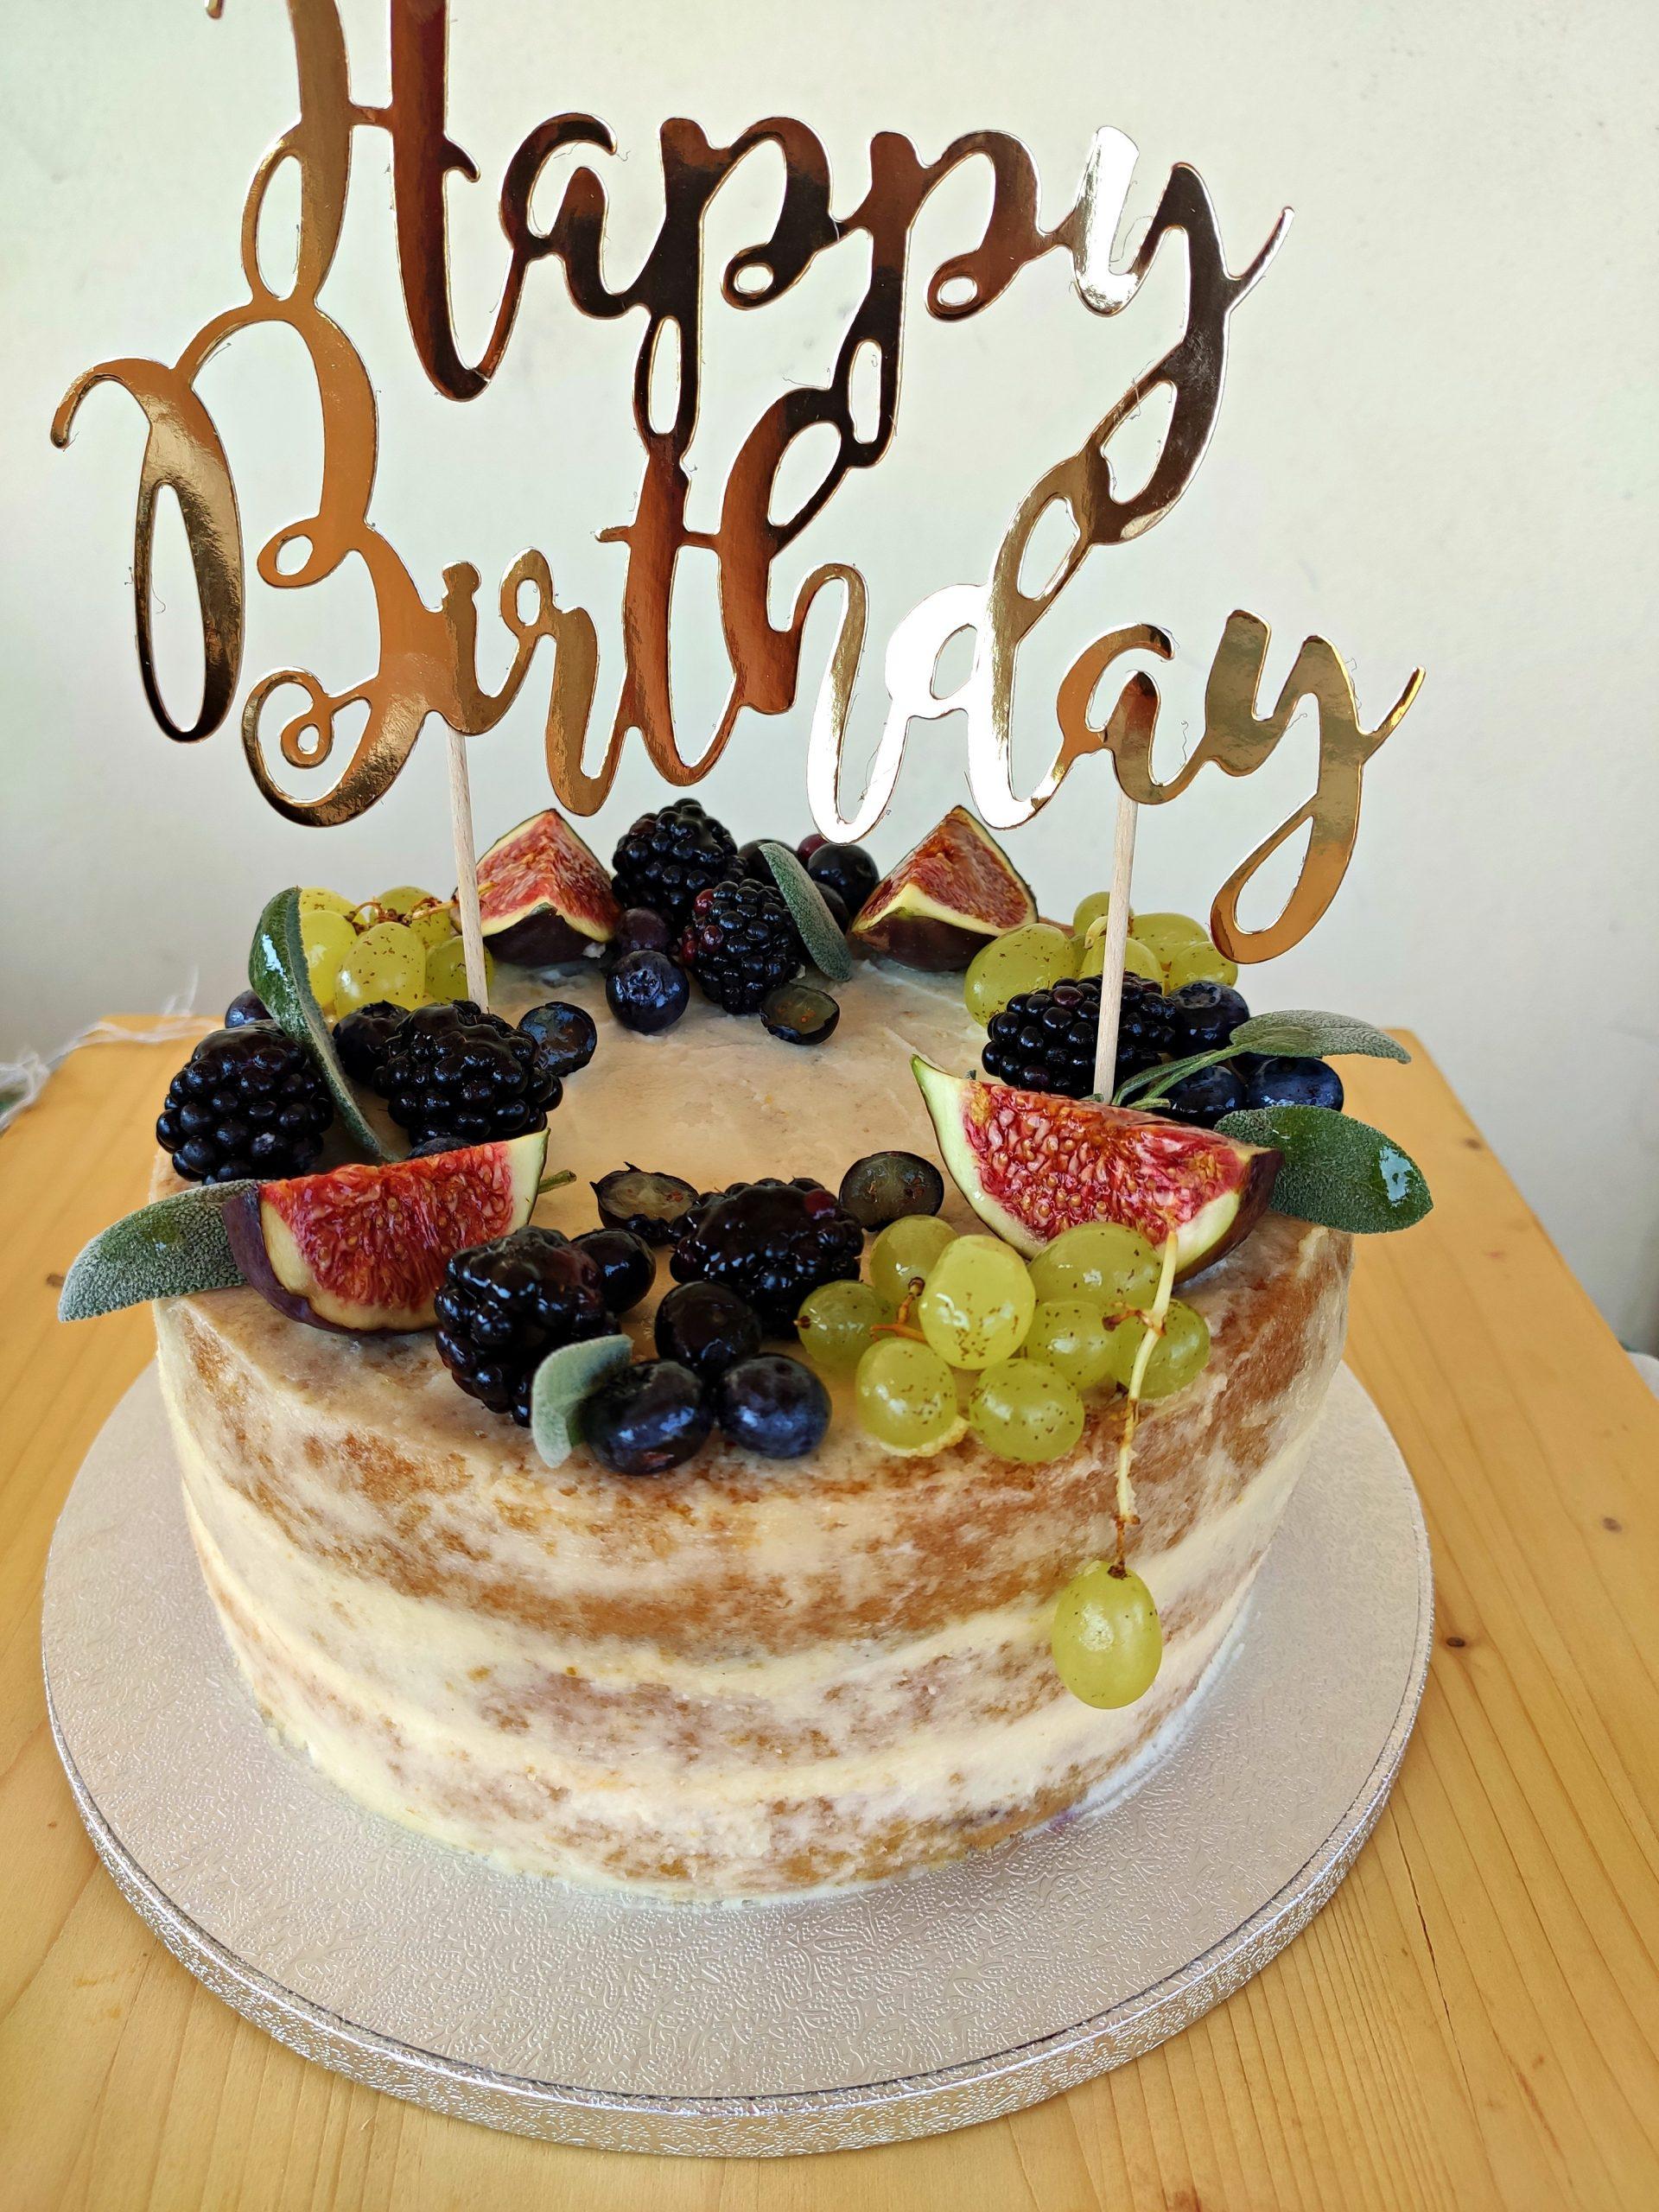 Torta di compleanno settembrina senza glutine